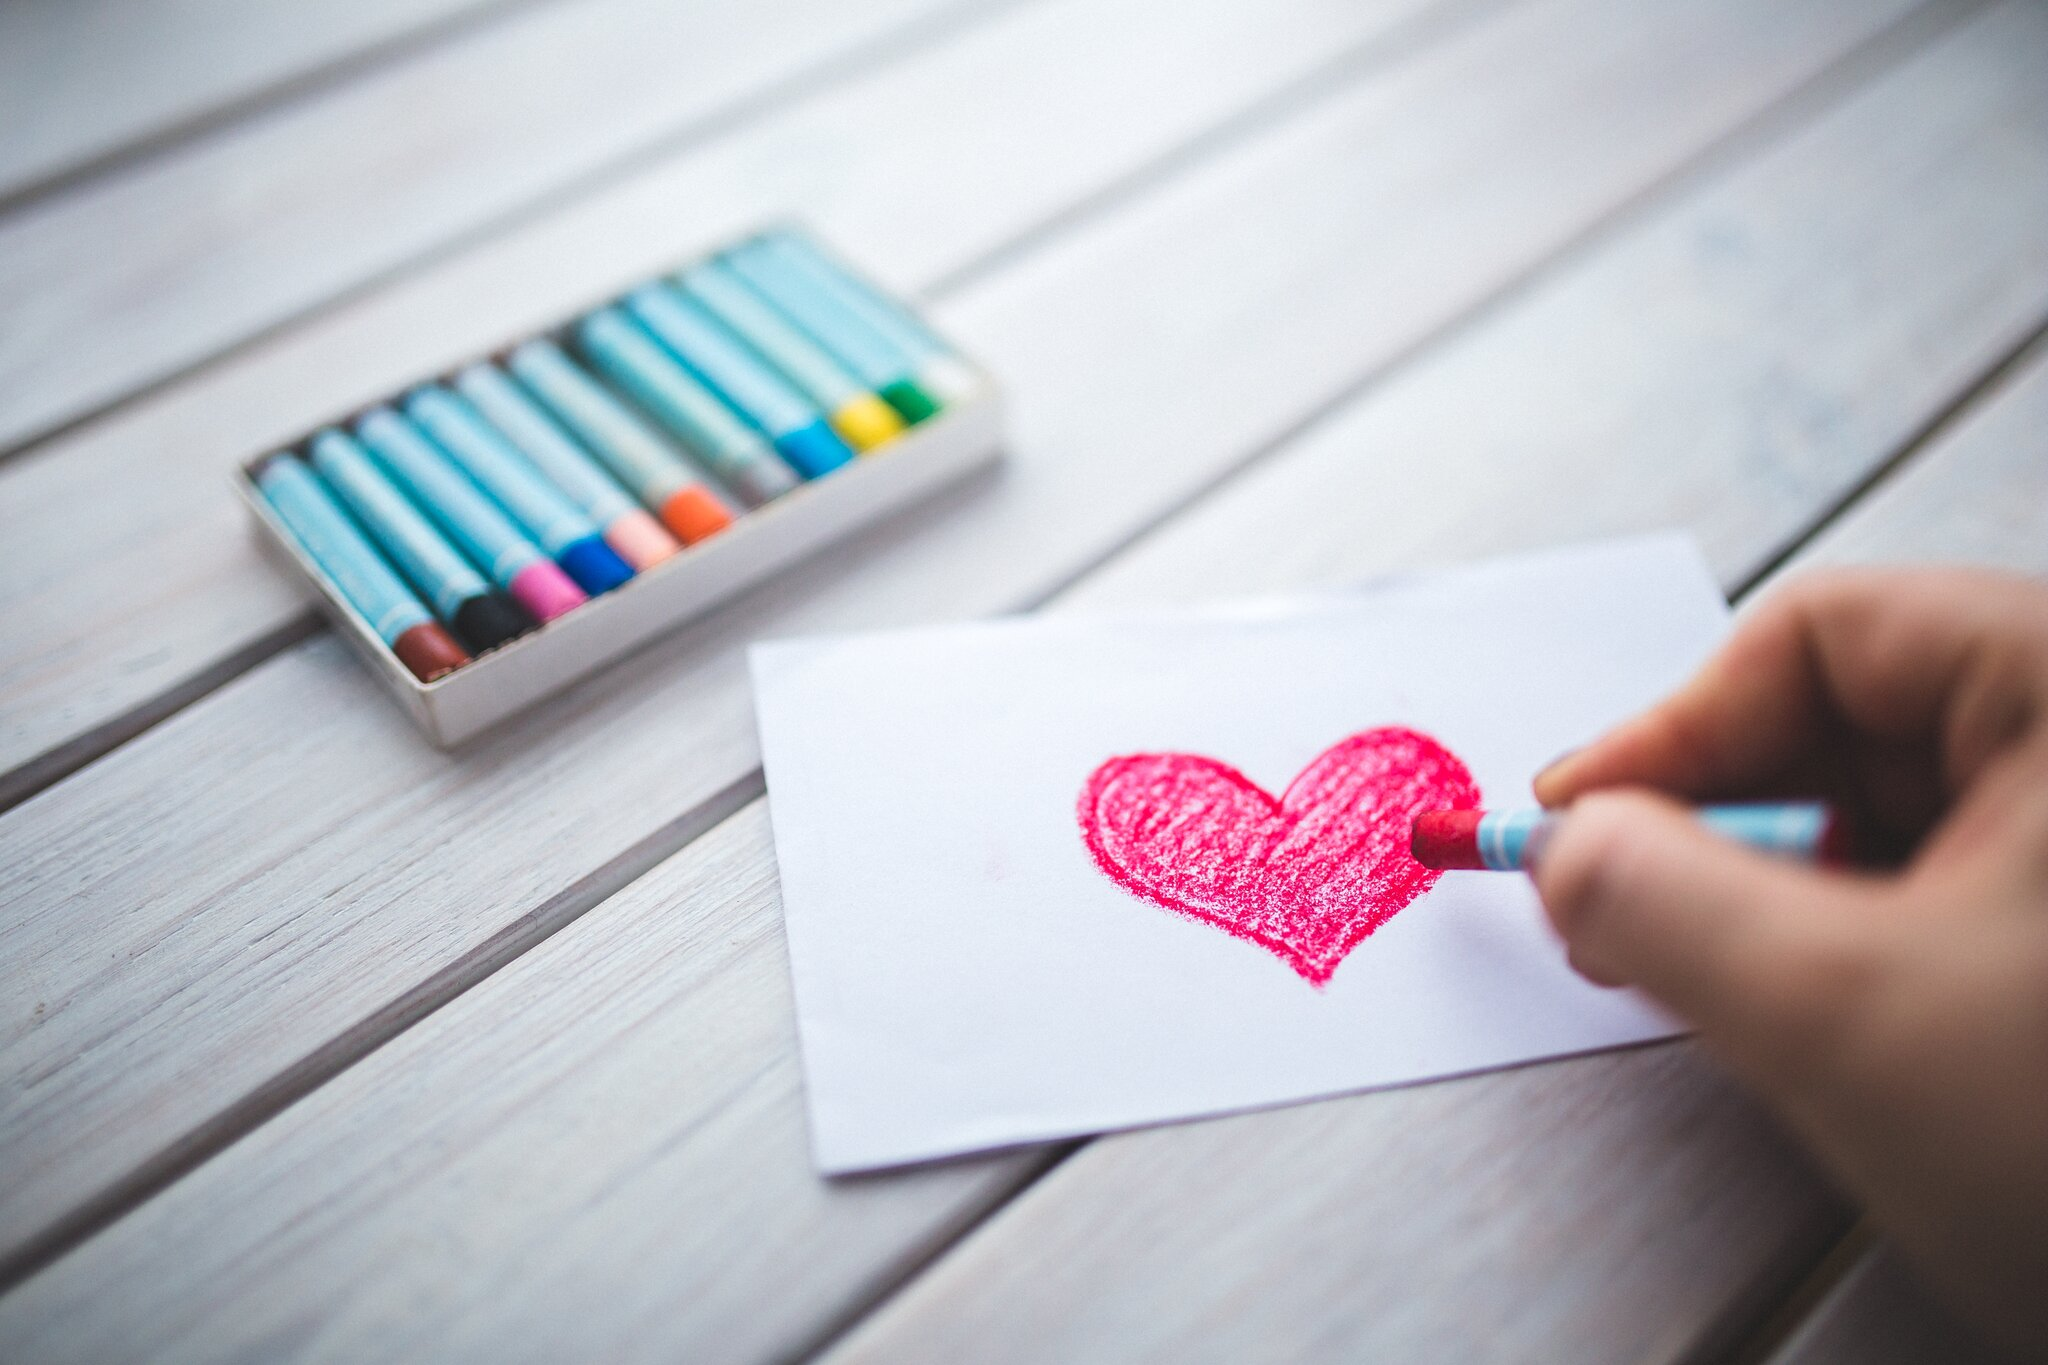 Symbol miłości Źródło: pexels, Symbol miłości, licencja: CC 0.